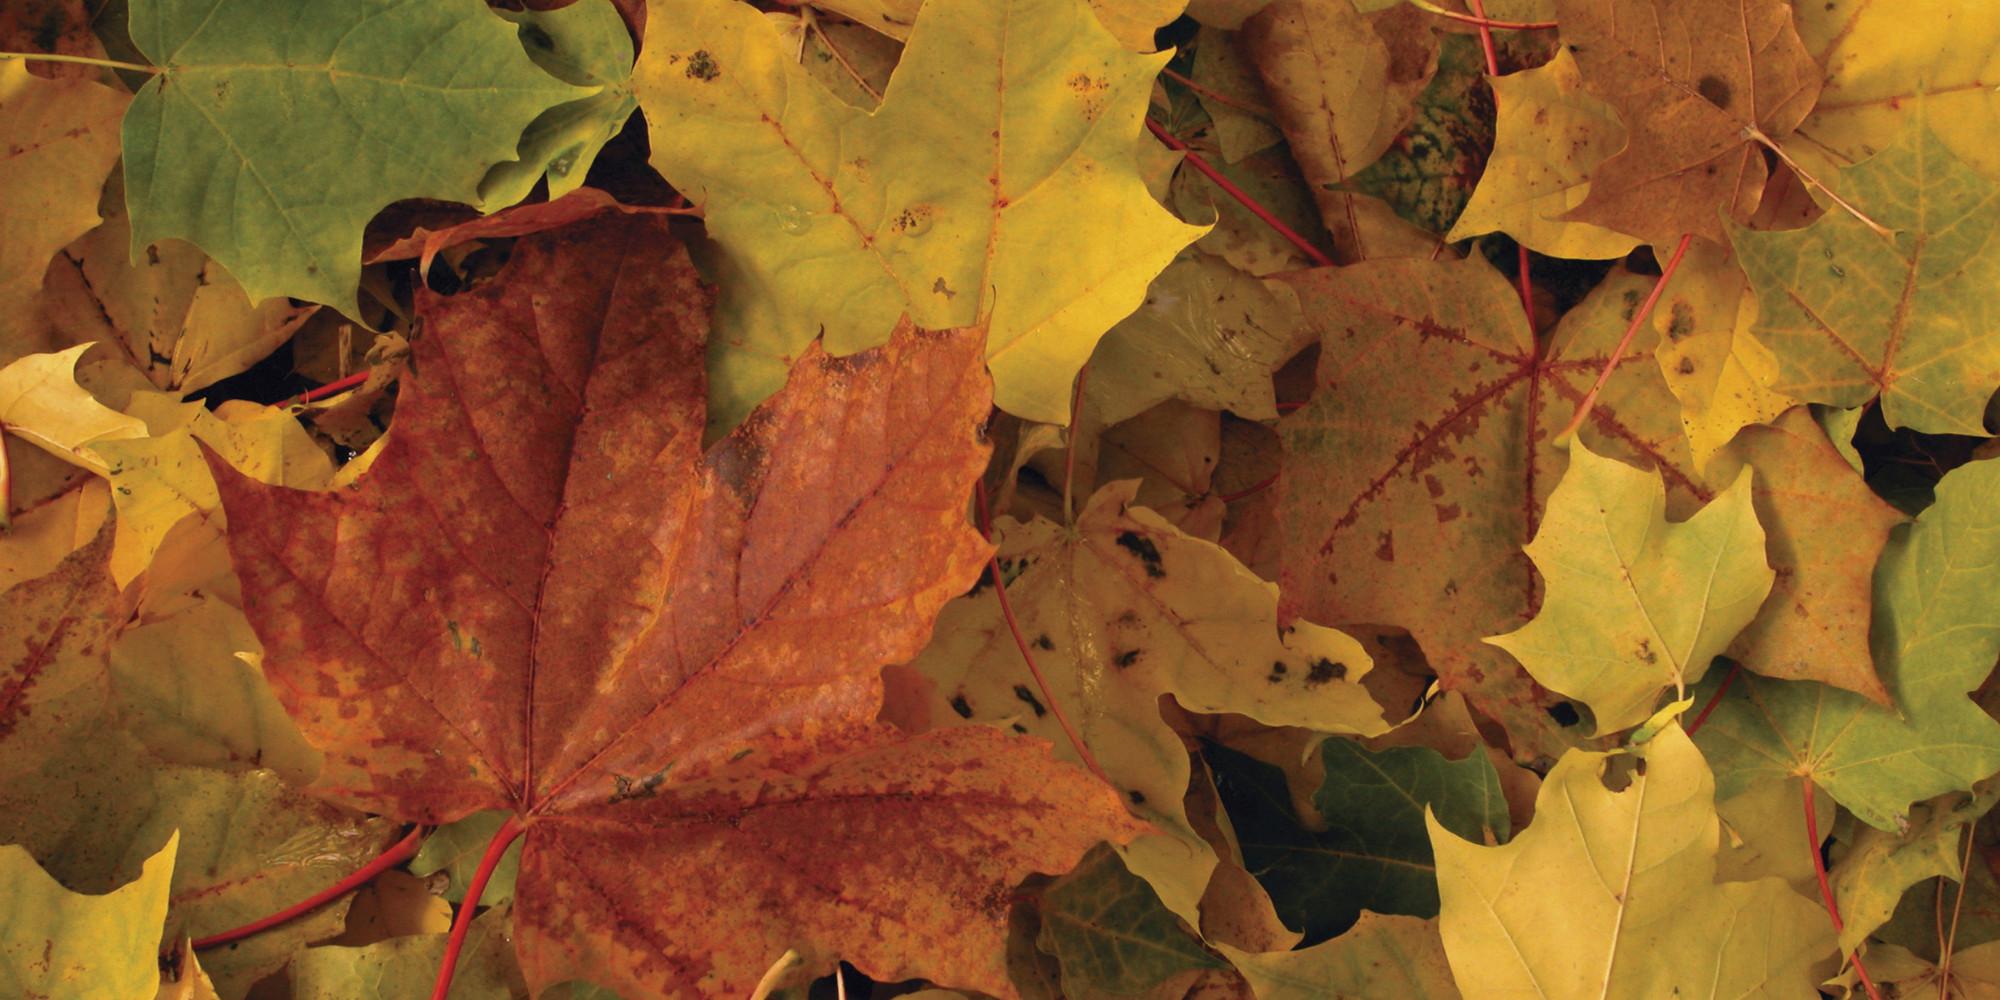 Pourquoi les feuilles d 39 automne sont rouges oranges ou - Image feuille automne ...